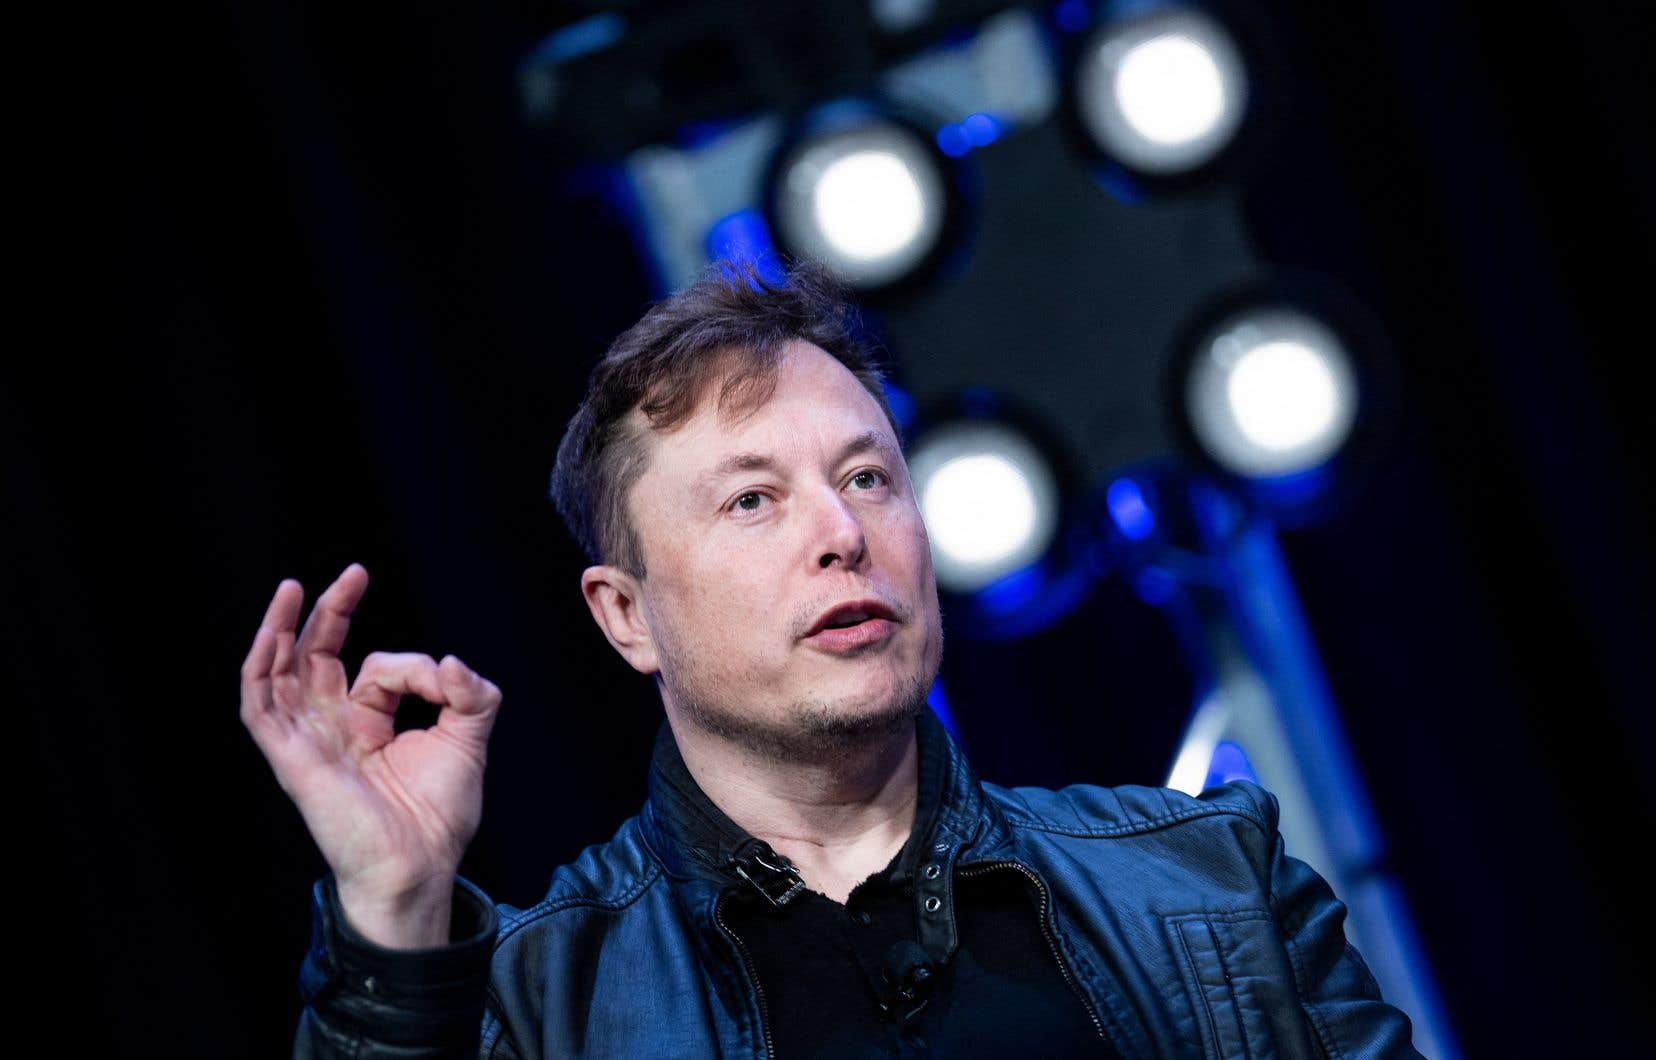 L'excentrique milliardaire Elon Musk a souvent vanté les mérites des cryptomonnaies, mais s'était inquiété de l'impact du bitcoin sur l'environnement. Il avait pour cette raison décidé en mai que Tesla ne l'accepterait plus comme moyen de paiement.